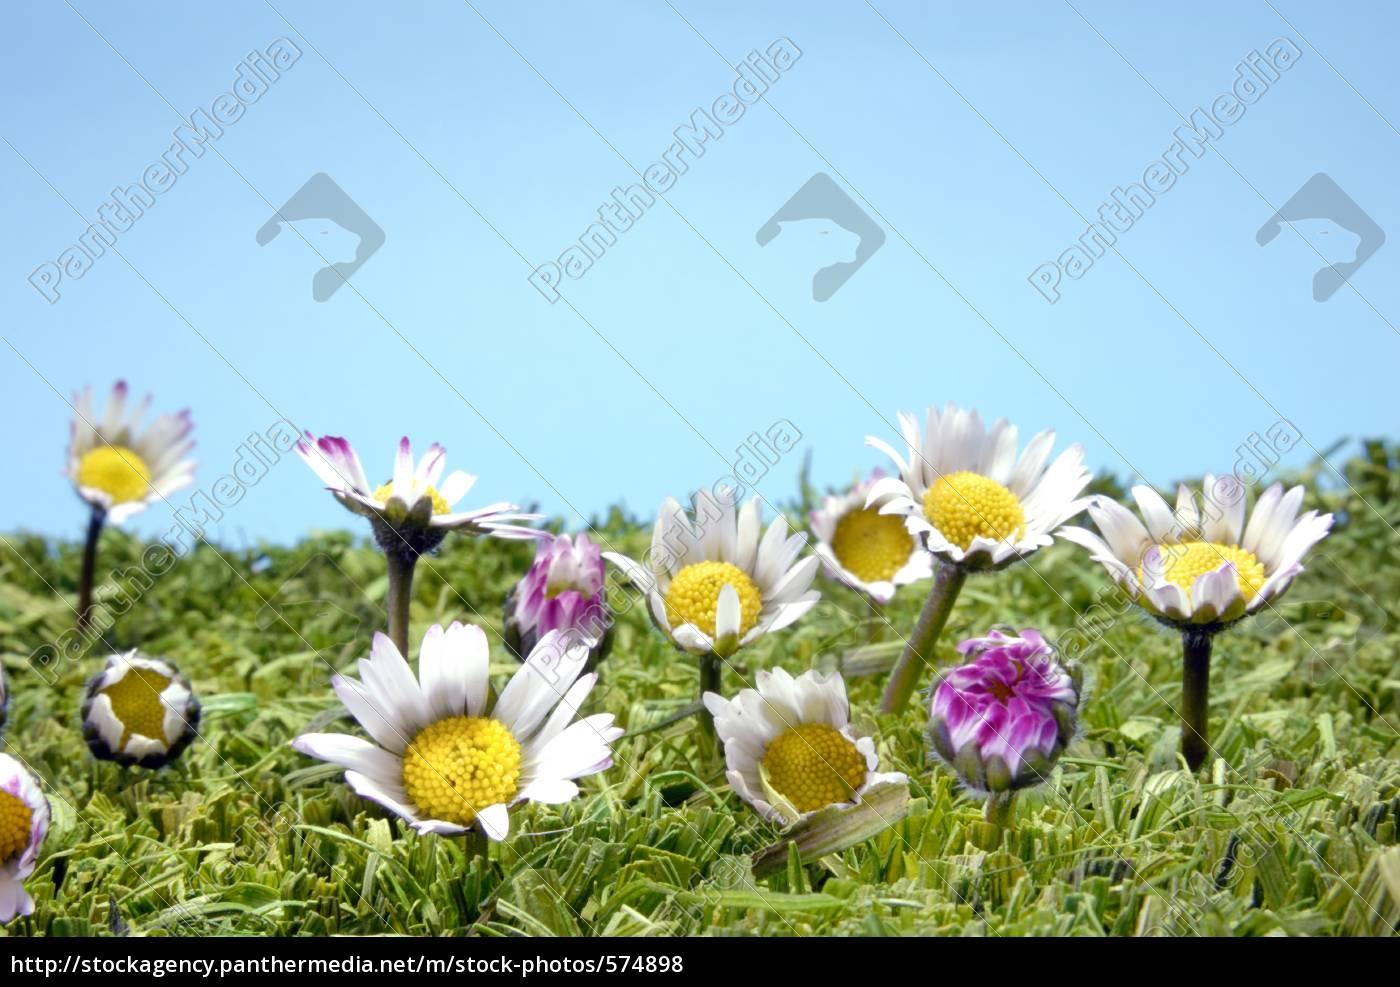 daisy - 574898